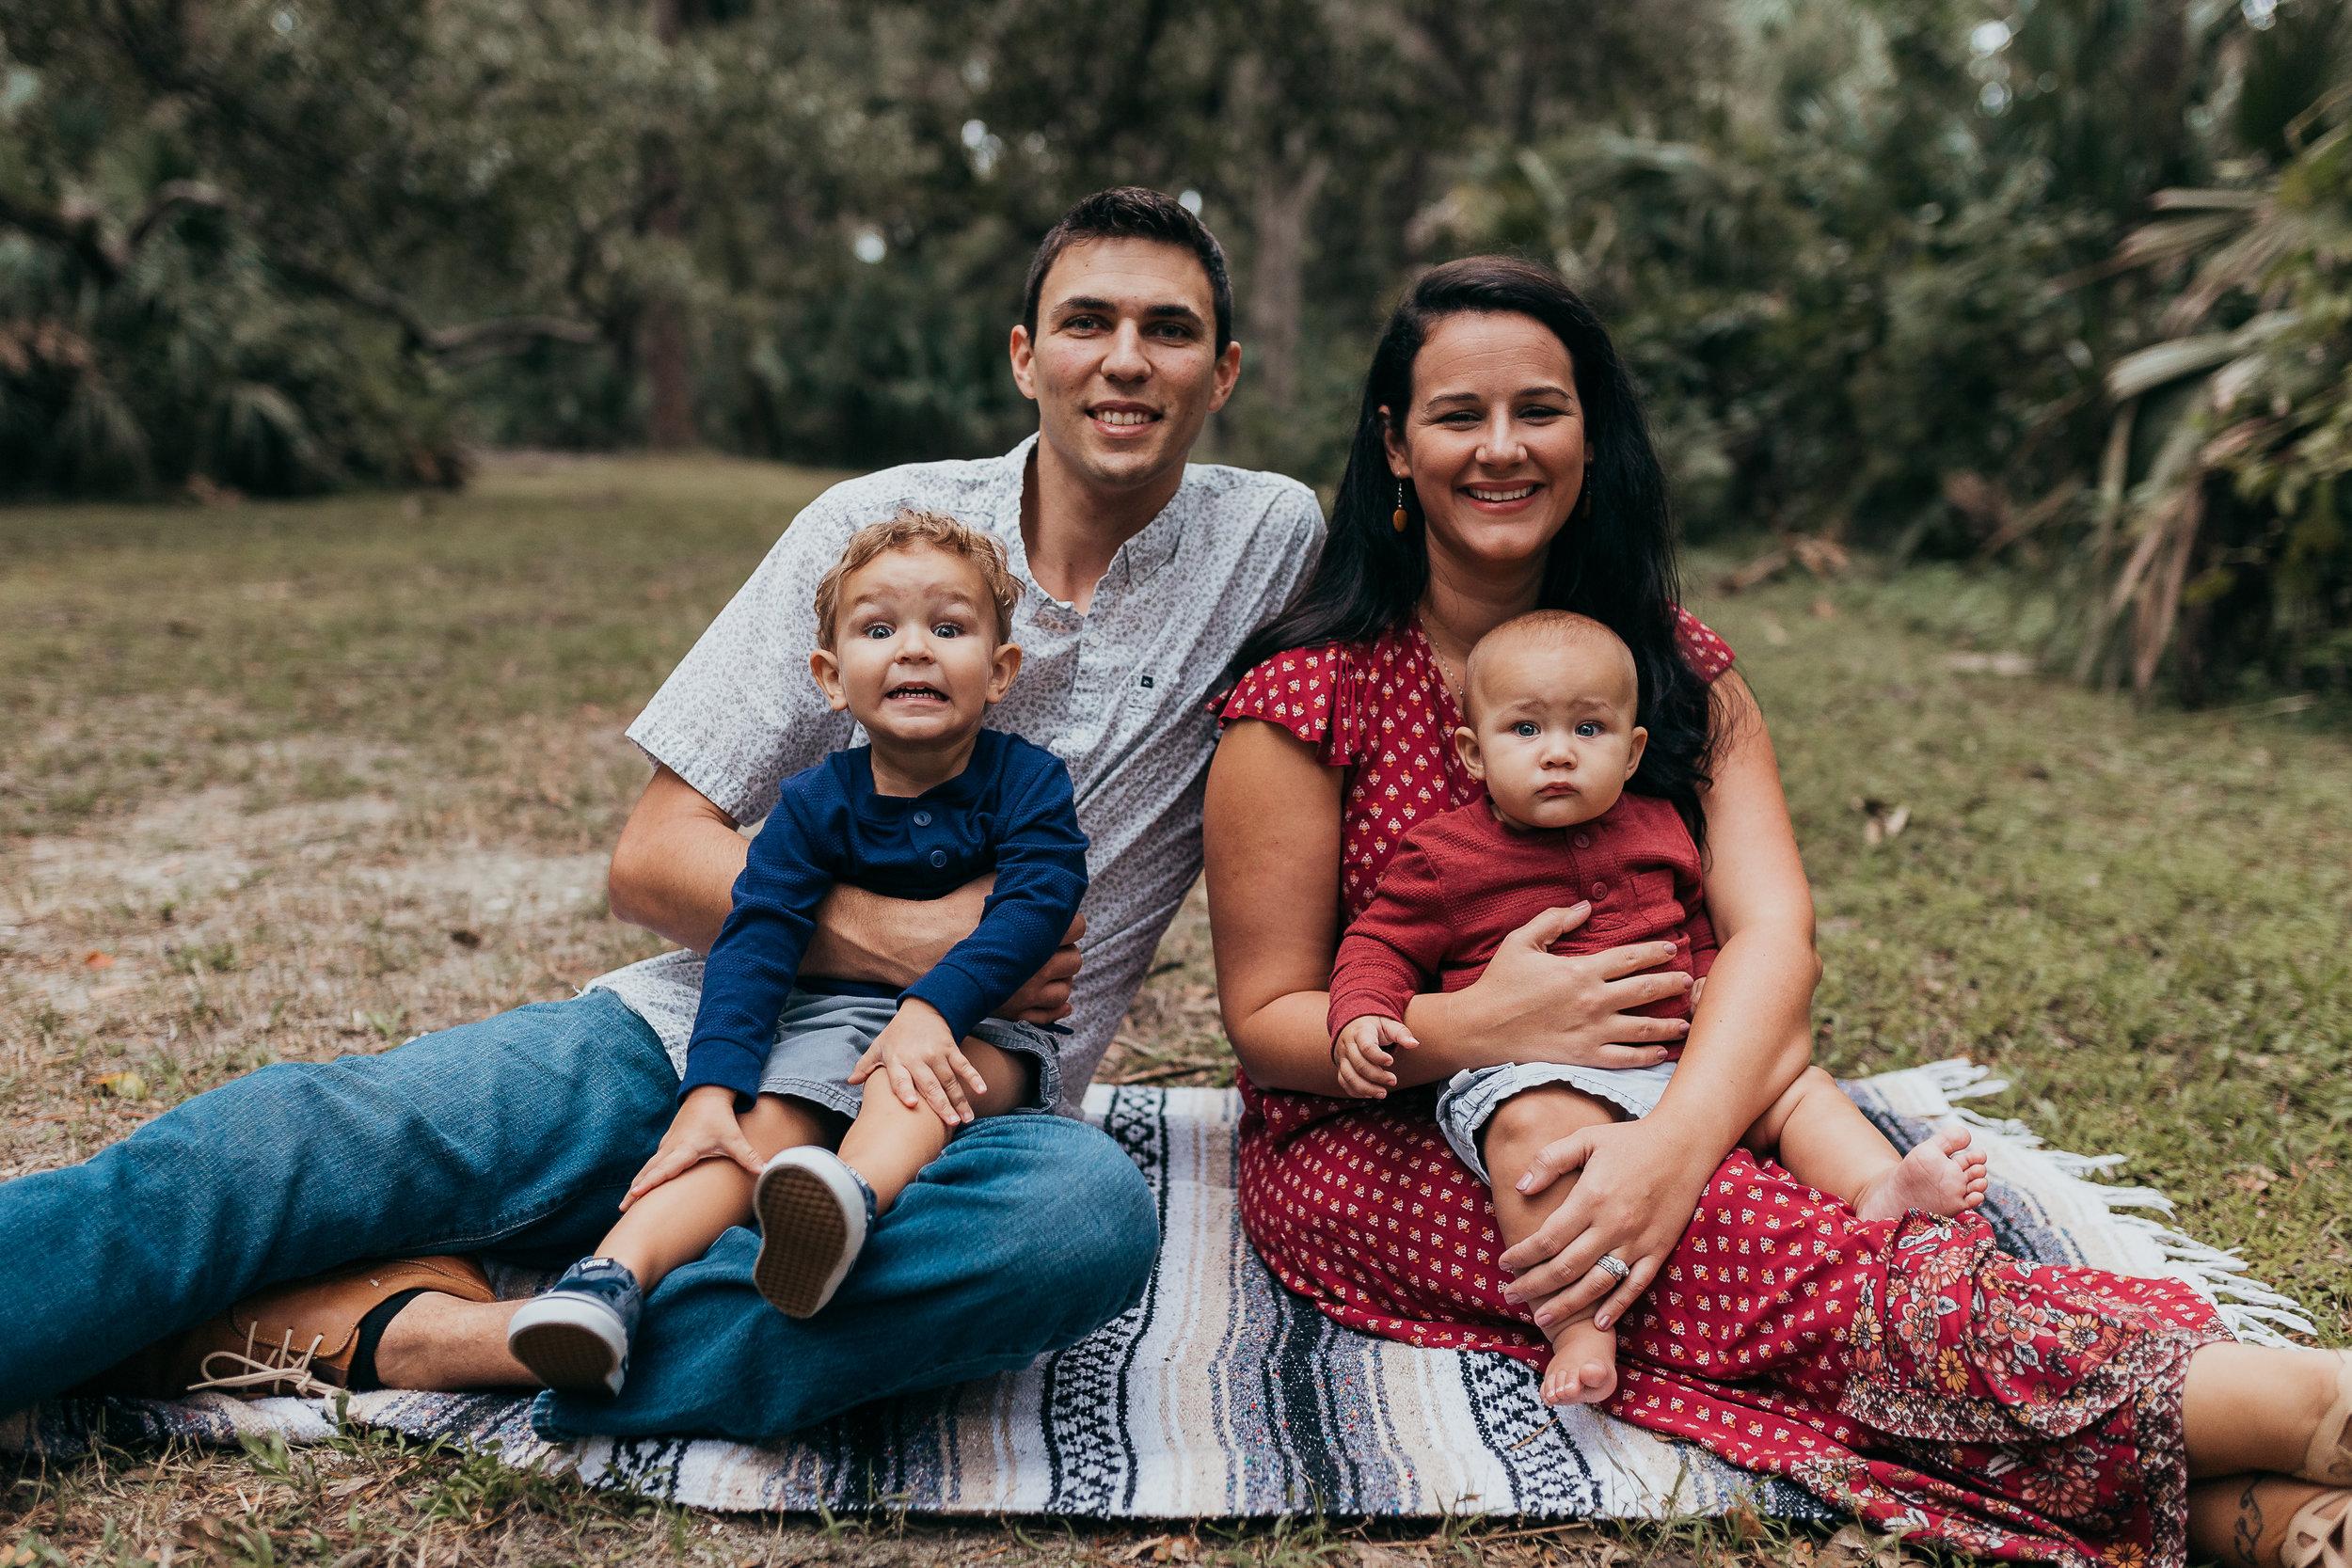 Deland Florida family photographer also serving Daytona Beach and Orlando